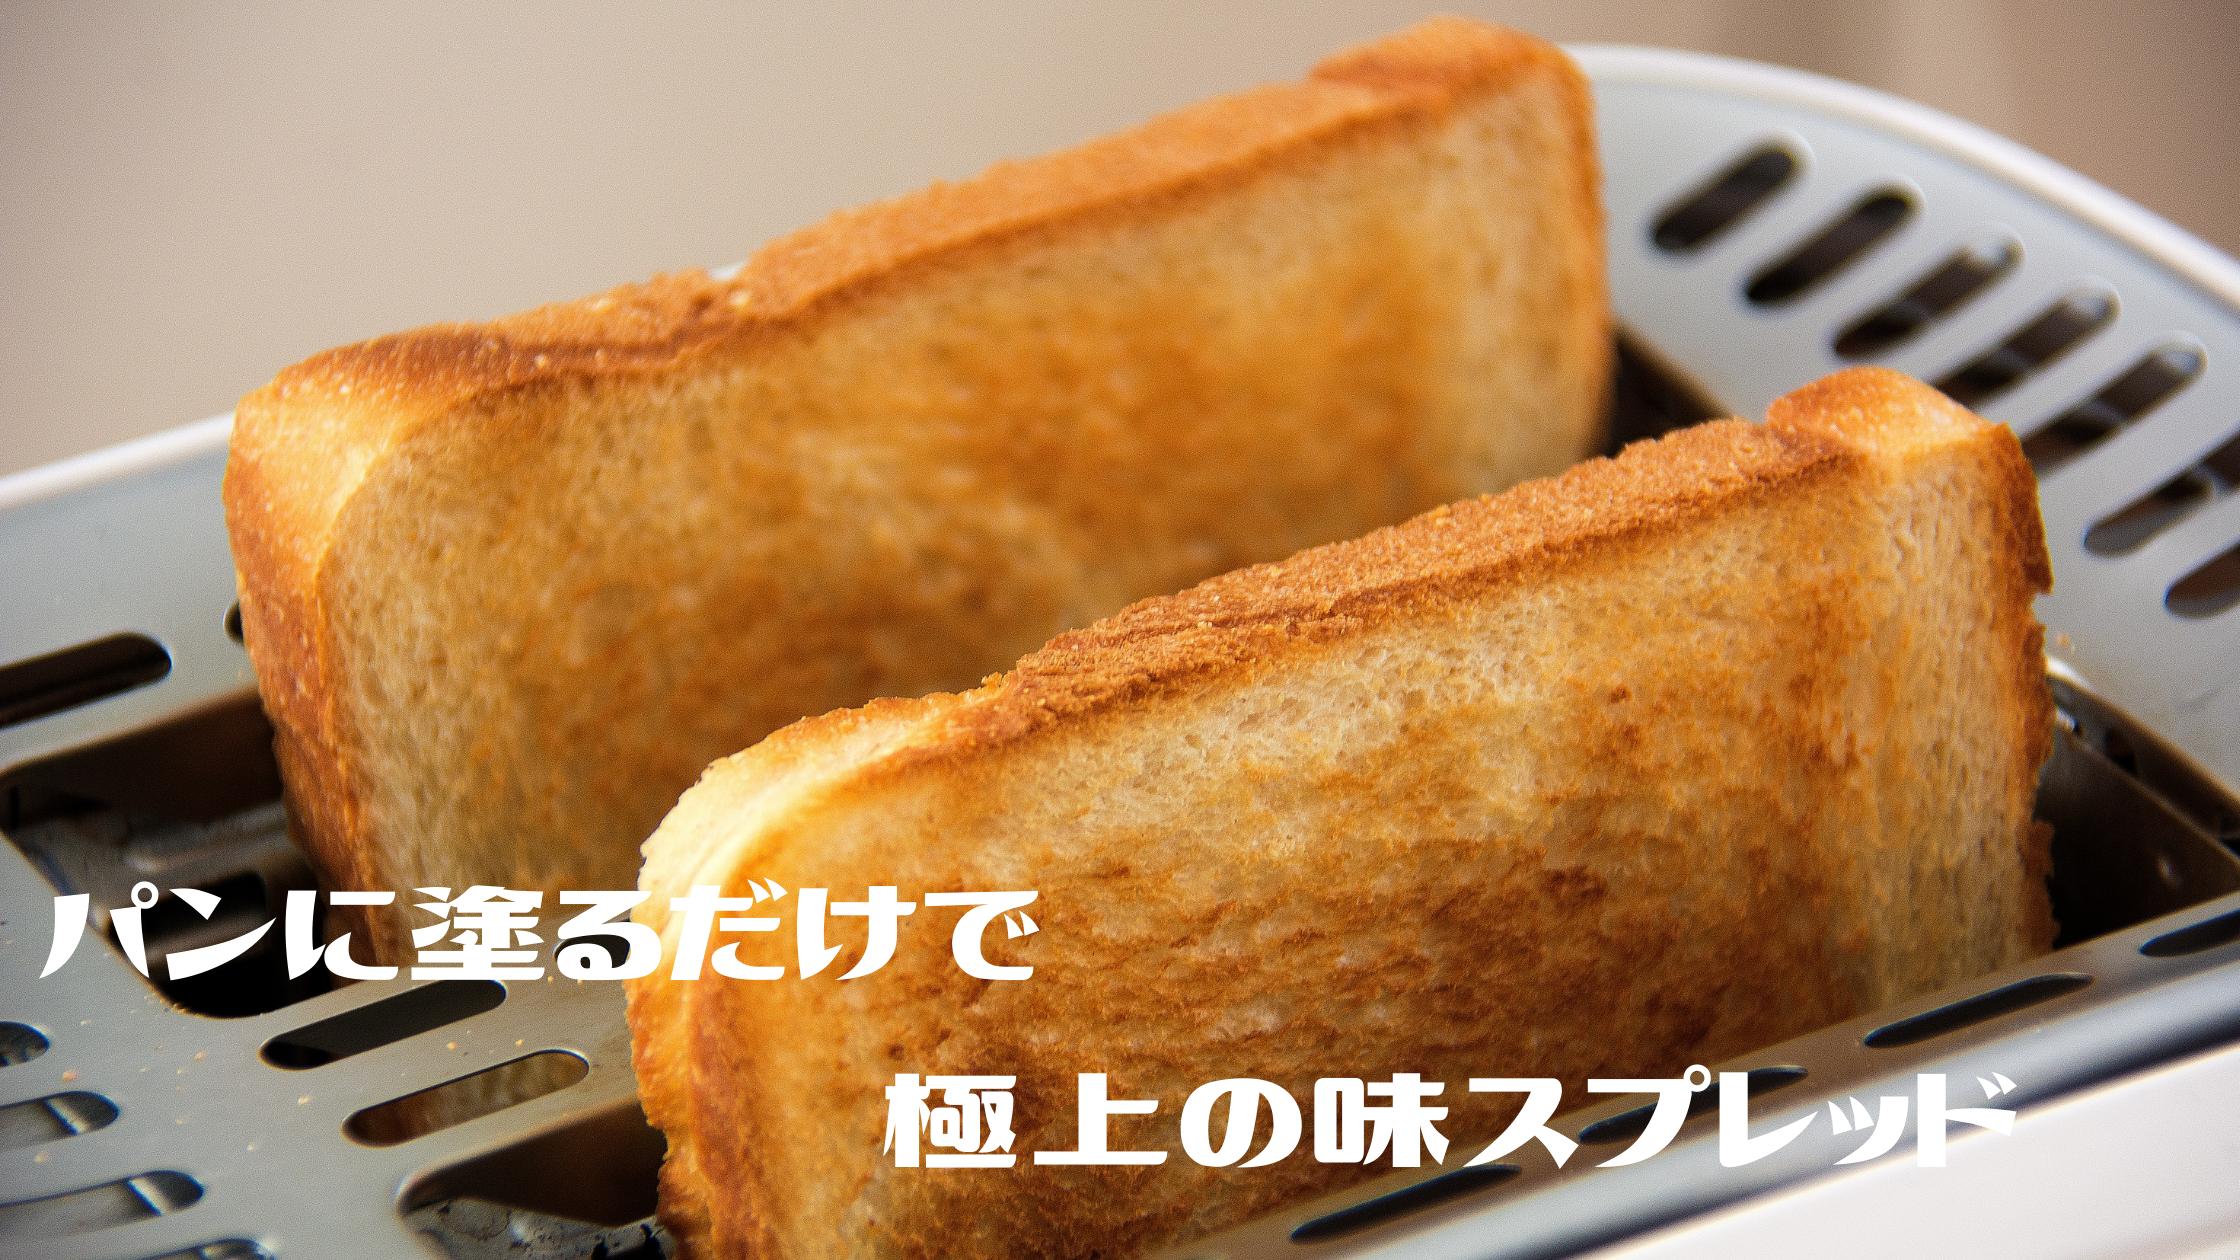 【めざましテレビ】パンのお供スプレッドで極上の味に変身『カレーパン』『ピスタチオスプレッド』『杏仁スプレッド』